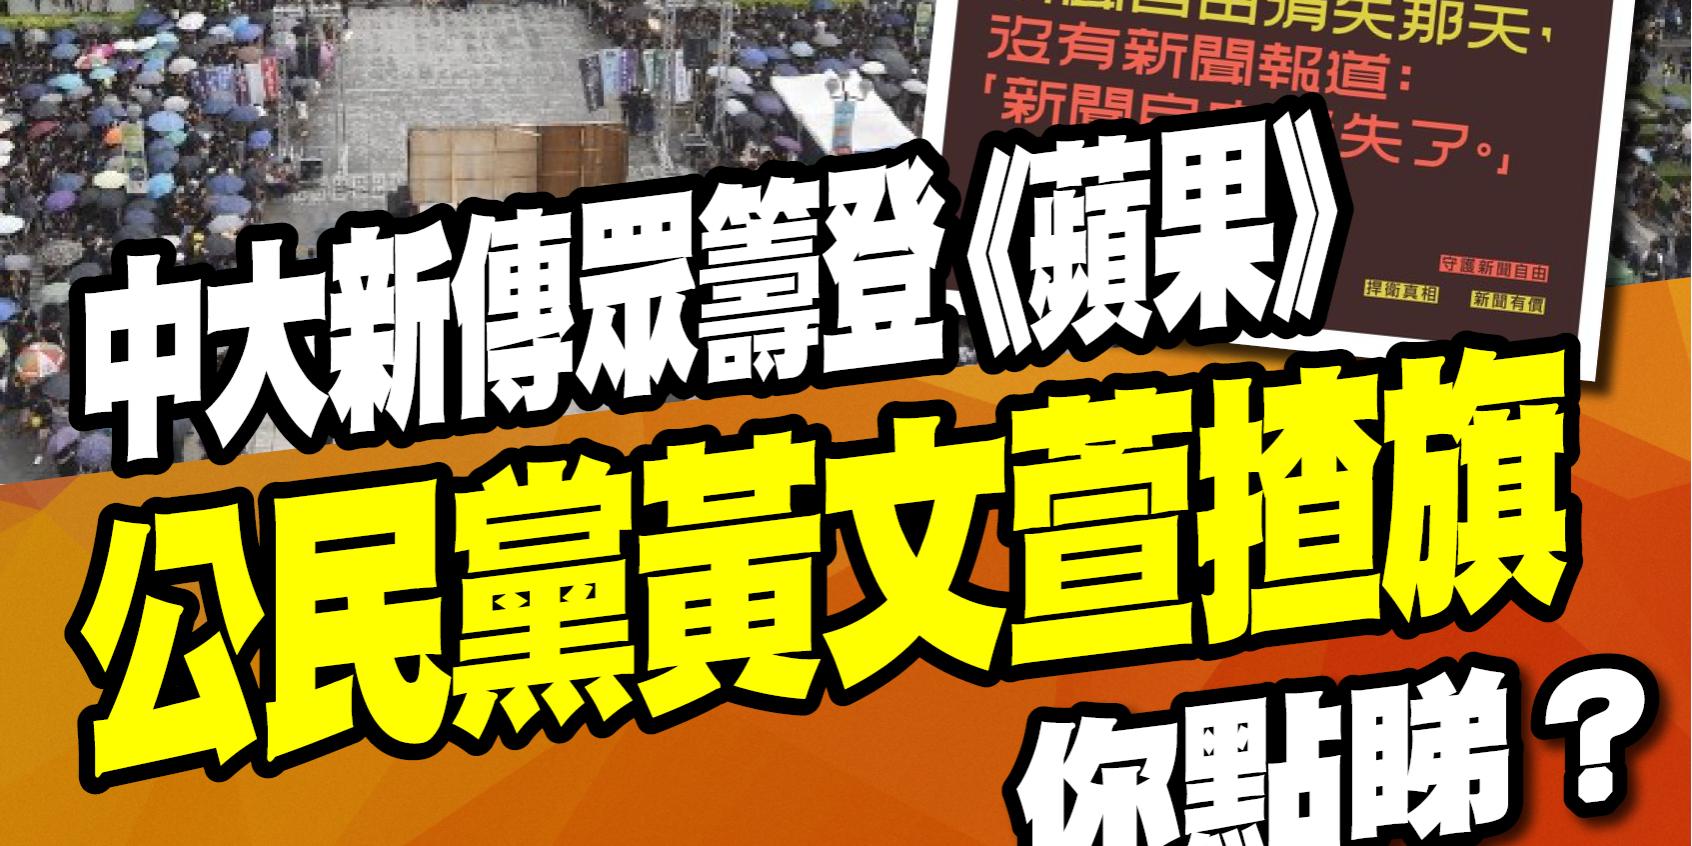 中大新傳眾籌登《蘋果》 公民黨黃文萱揸旗 你點睇?